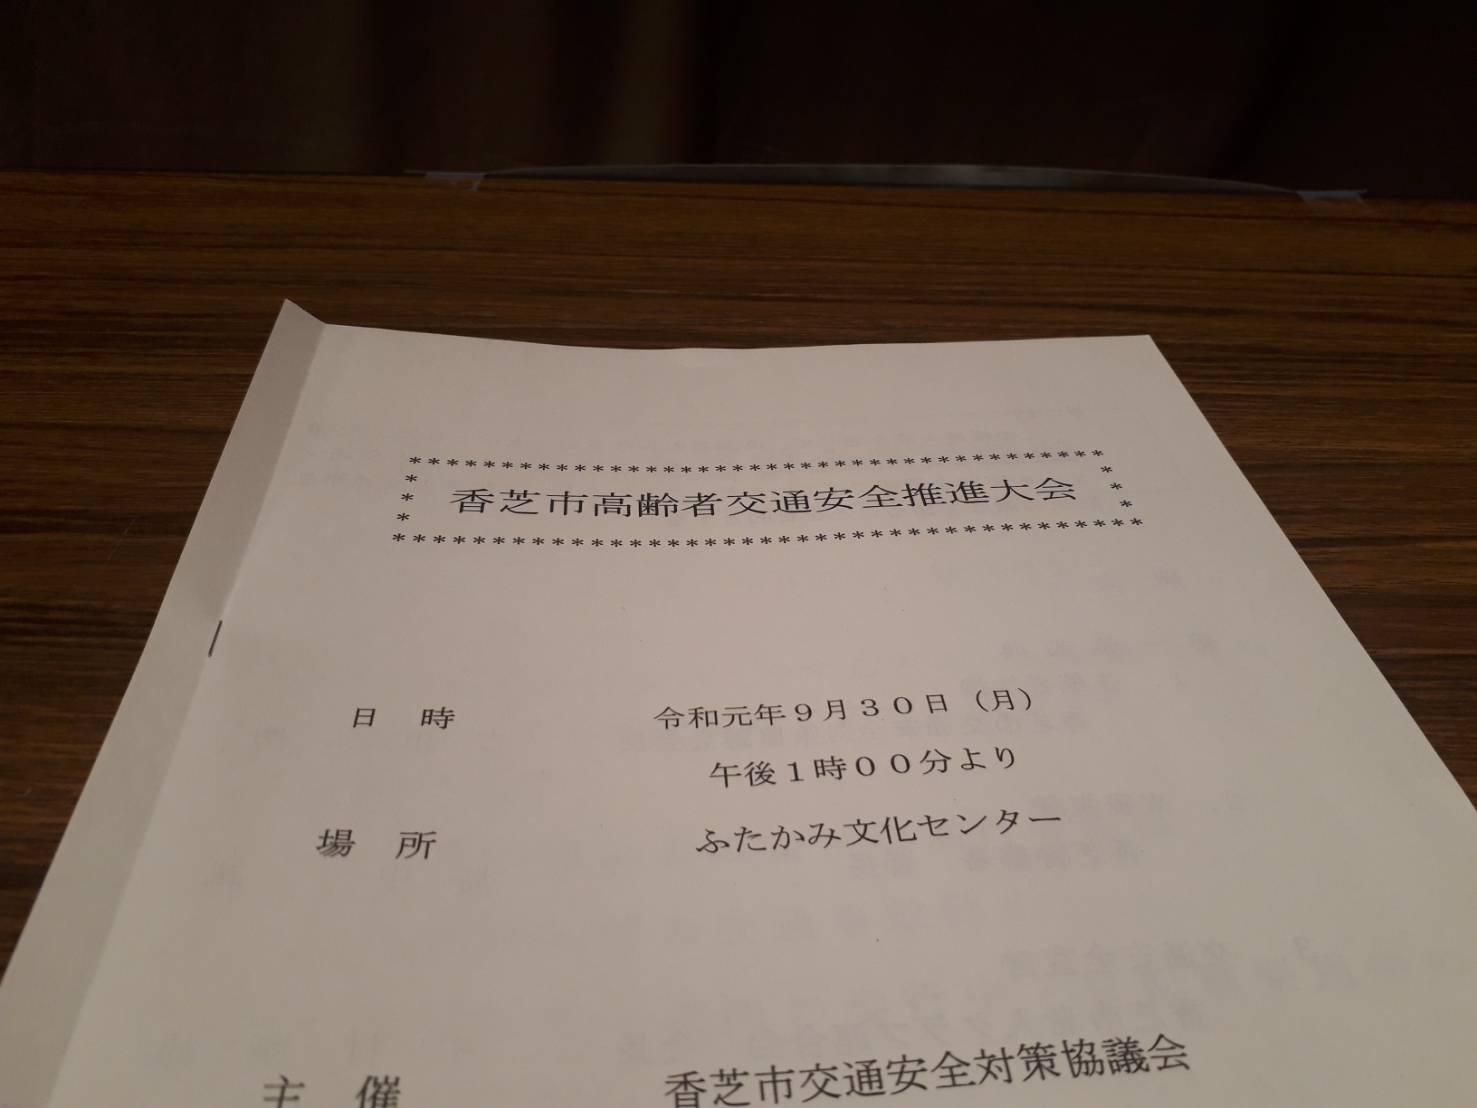 香芝市高齢者交通安全推進大会・登壇@香芝市モナミホール